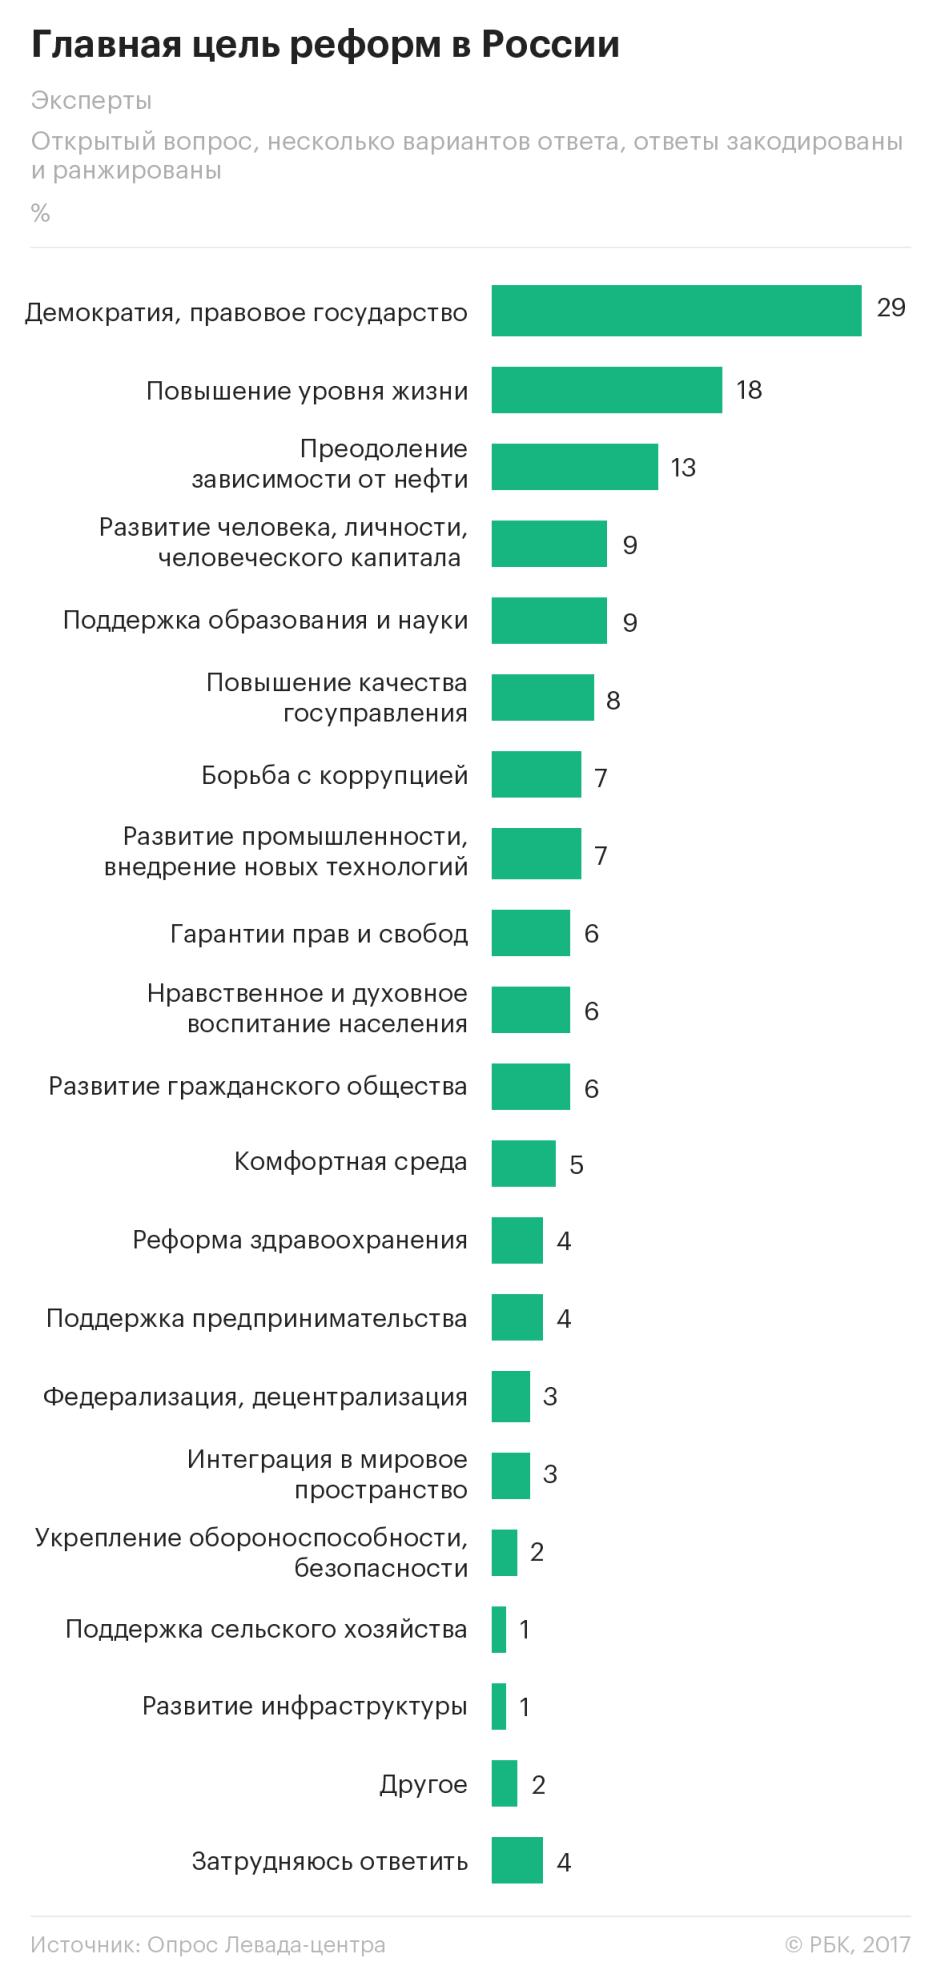 https://s0.rbk.ru/v6_top_pics/resized/945xH/media/img/6/74/755114622242746.png